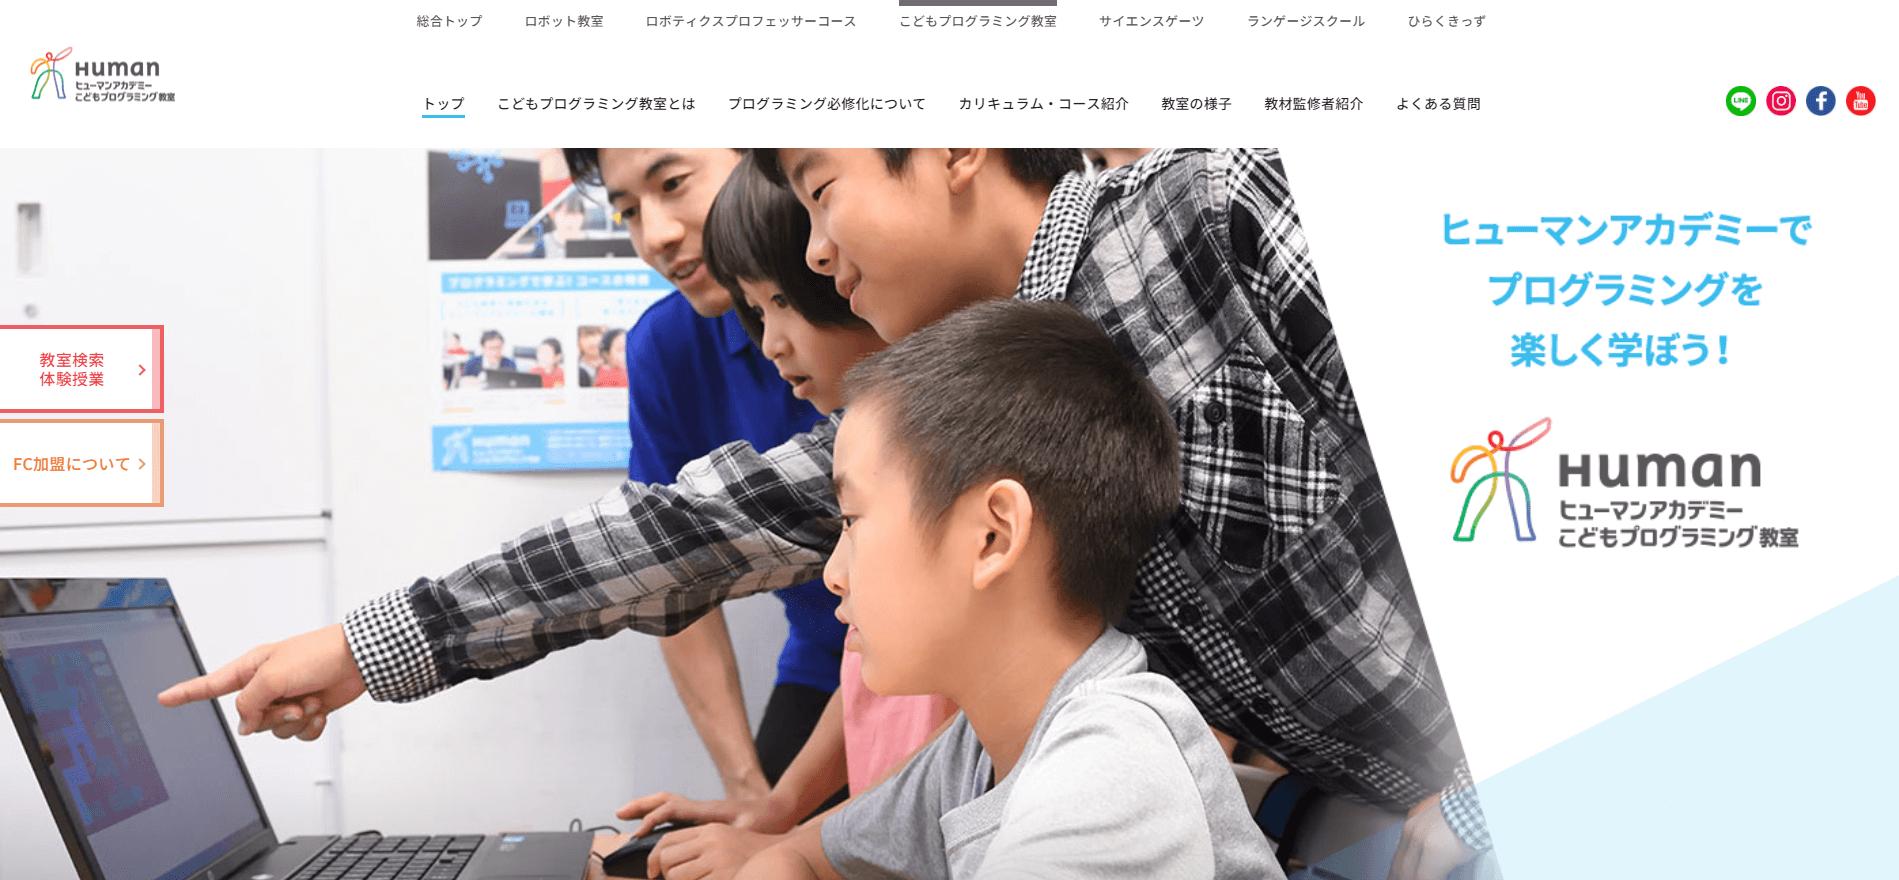 ヒューマンアカデミー こどもプログラミング教室の画像1